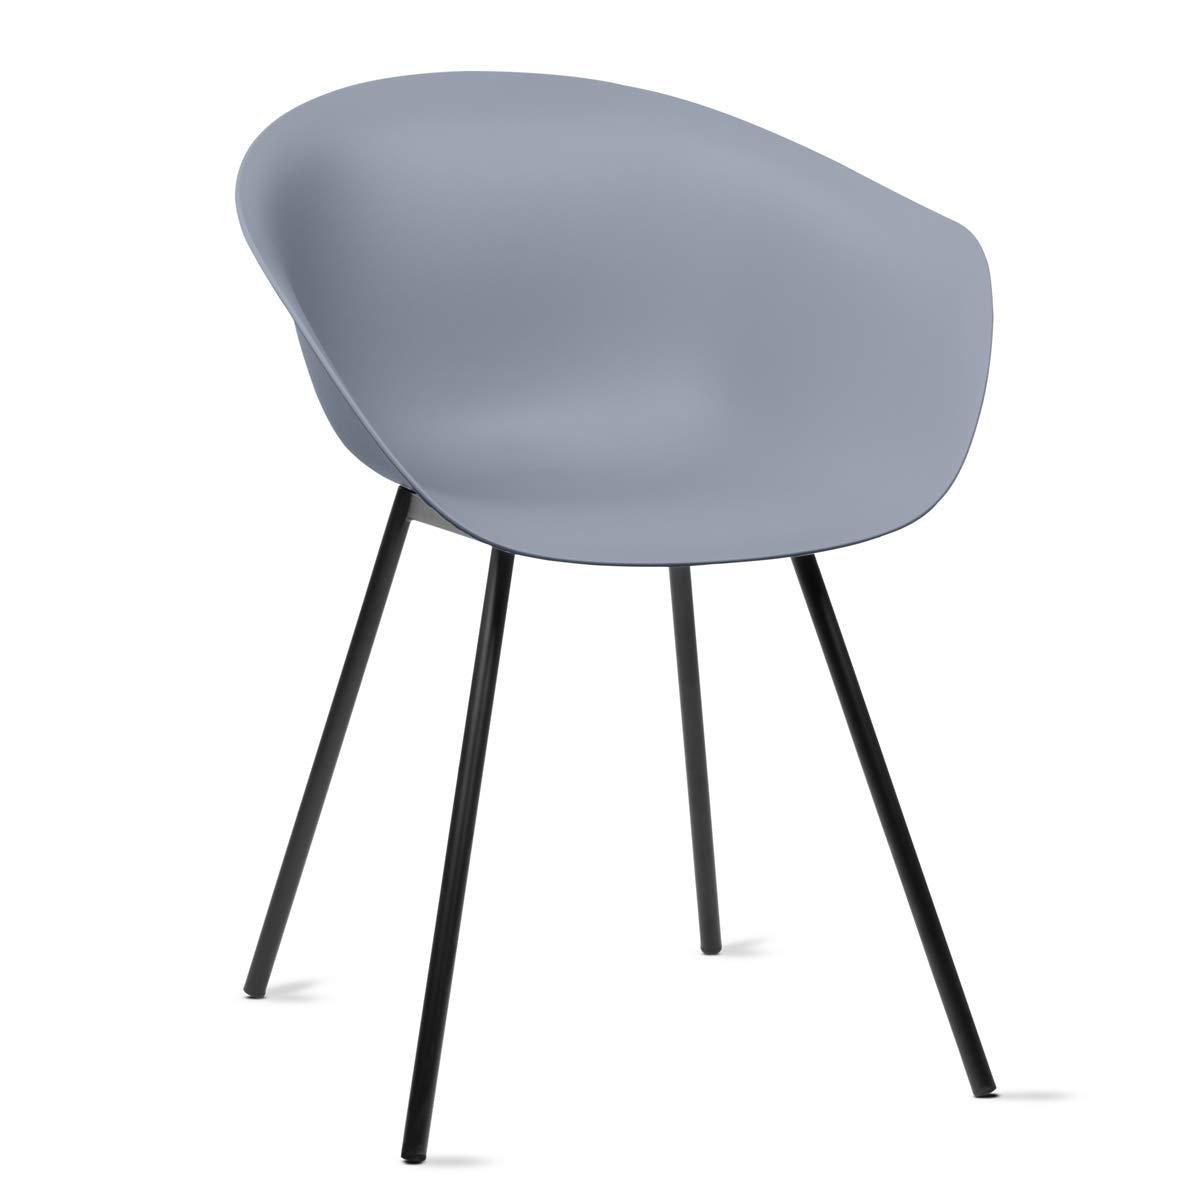 Mc Haus MERAKI - Pack 2 sillas comedor modernas para cocina y salon sillon nordico salon diseño dormitorio escritorio color gris 52x48x76cm: Amazon.es: Juguetes y juegos